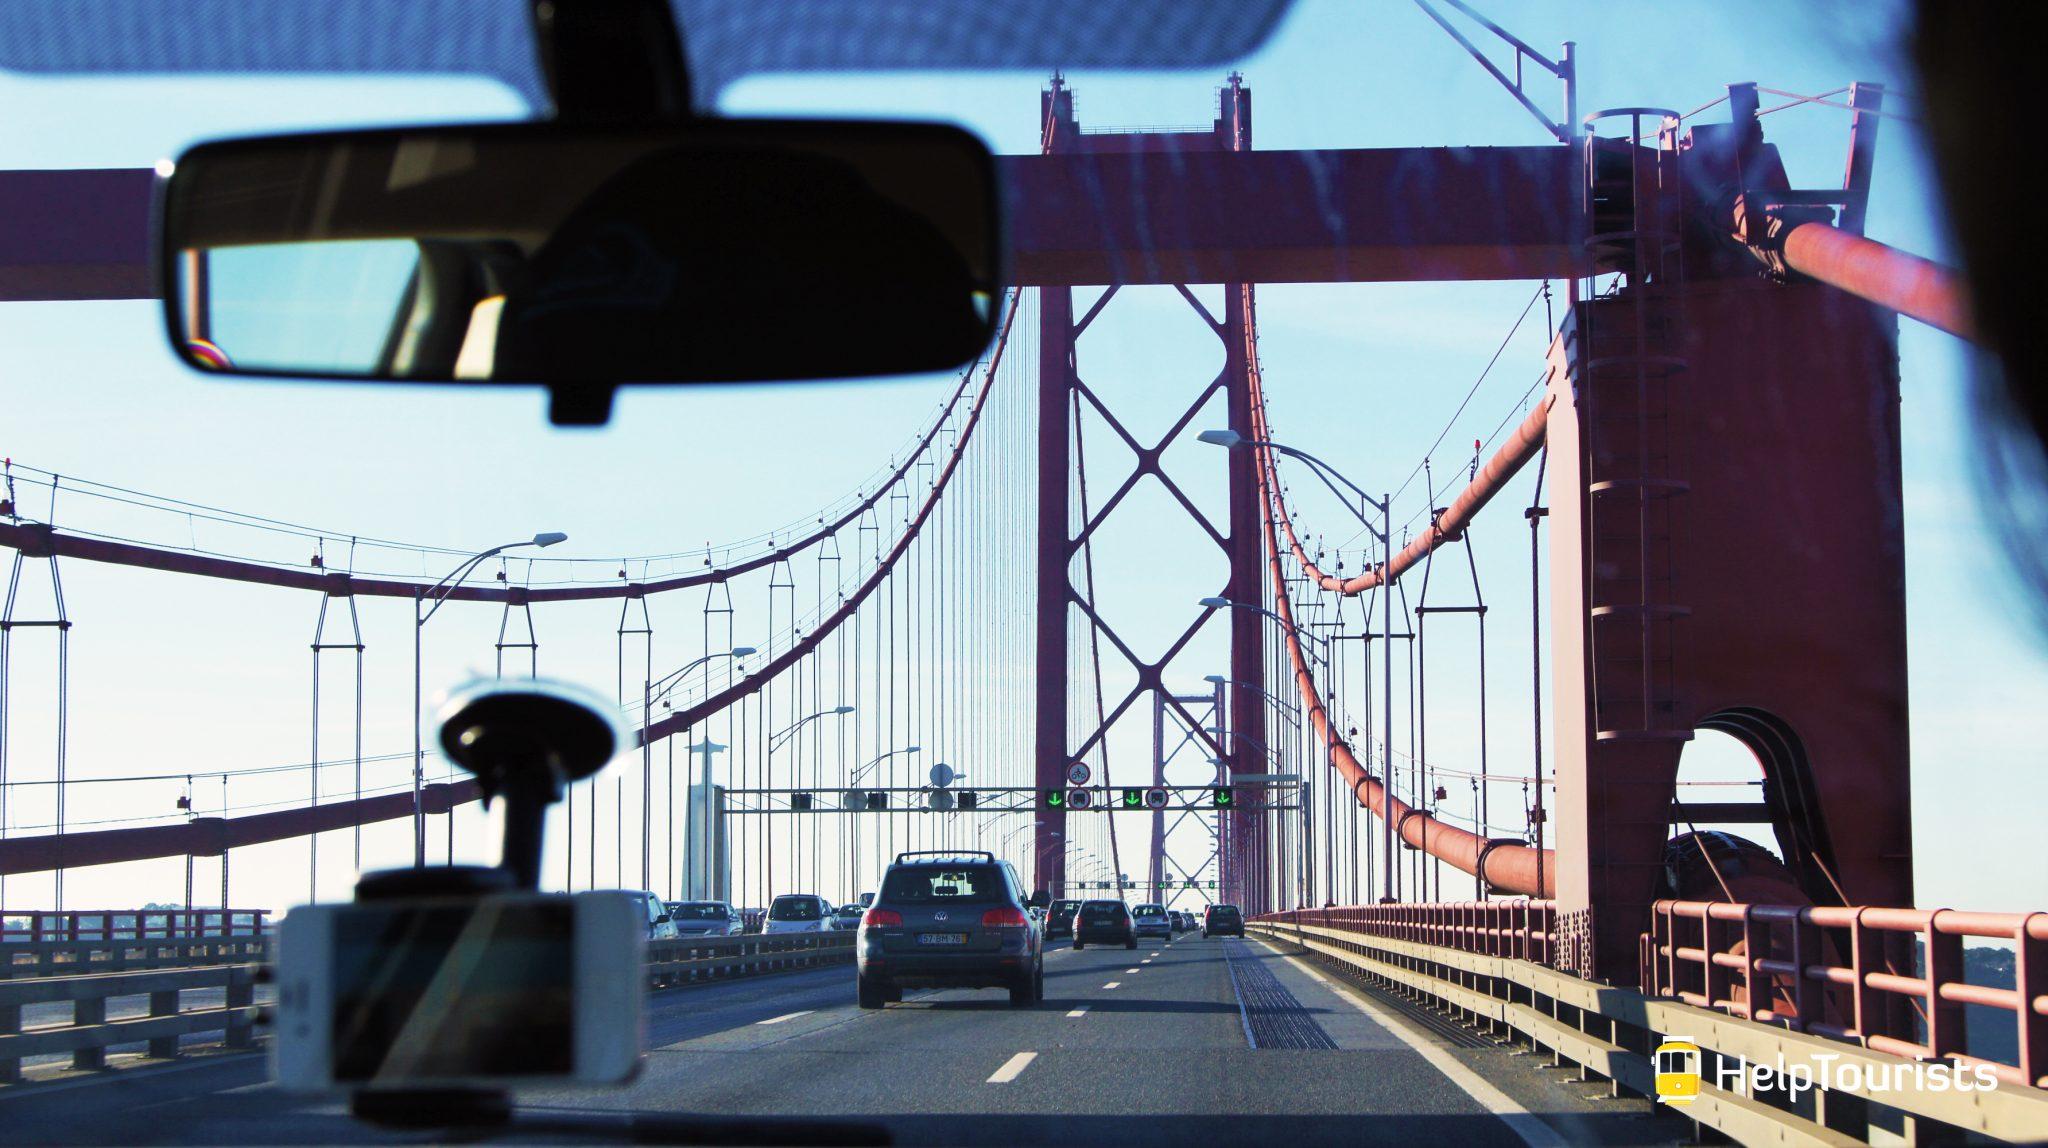 Lissabon Brücke 25 April Auto Maut